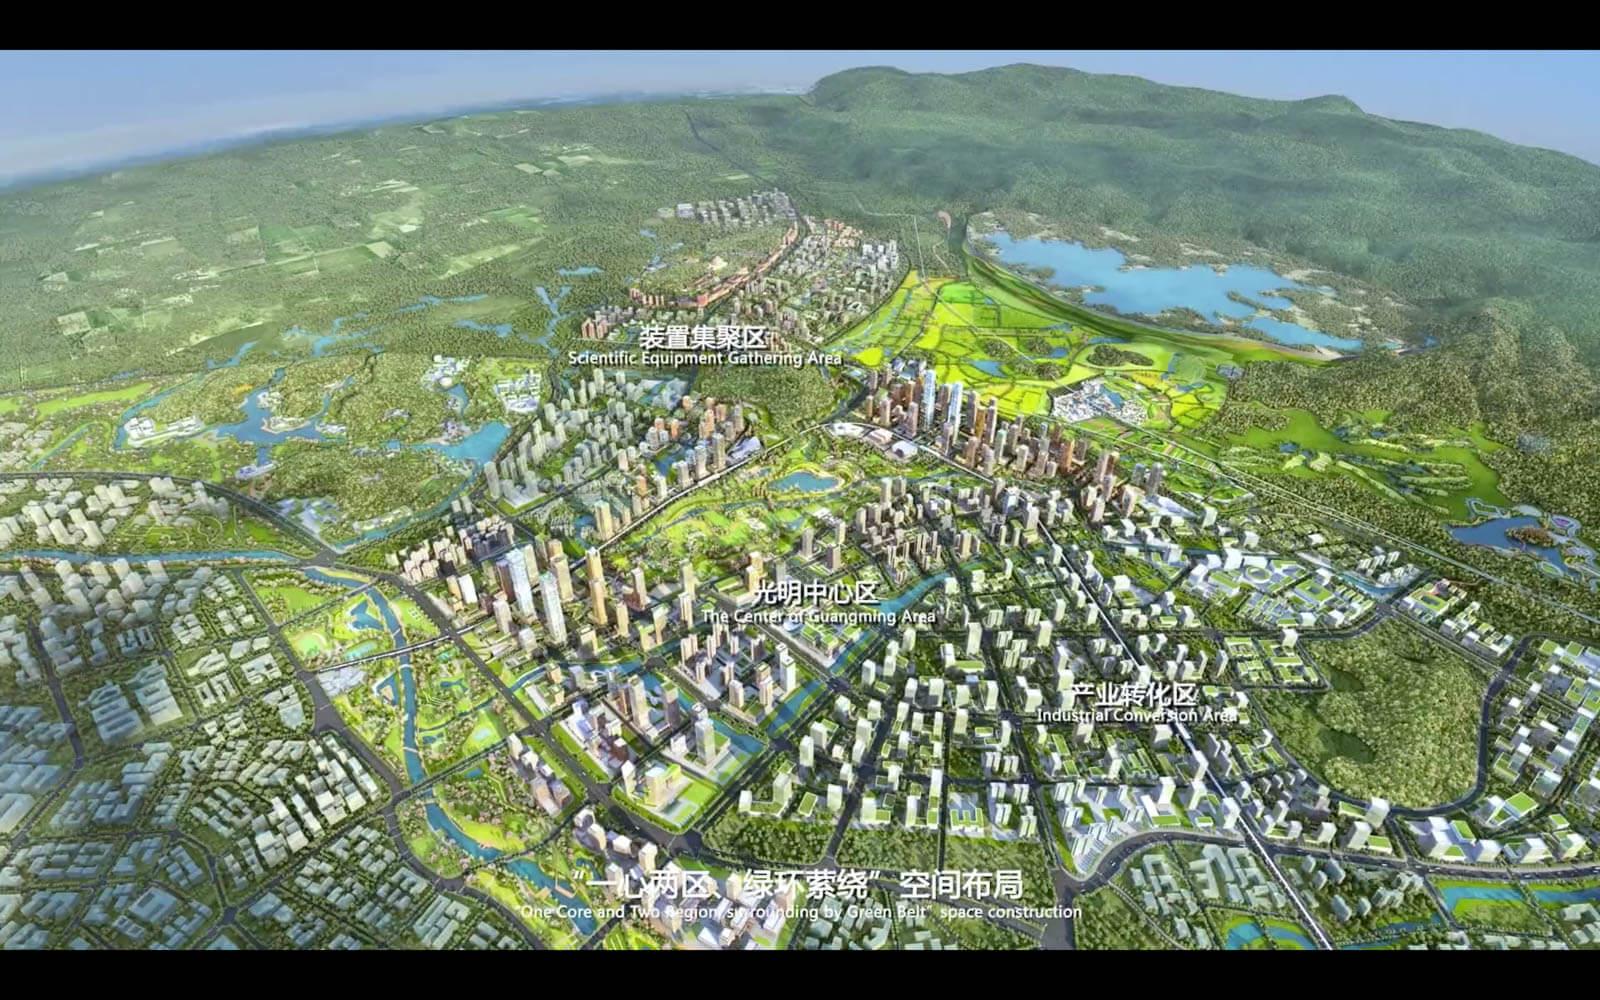 世界クラスの科学都市「光明科学城」建設プロジェクト進行中!